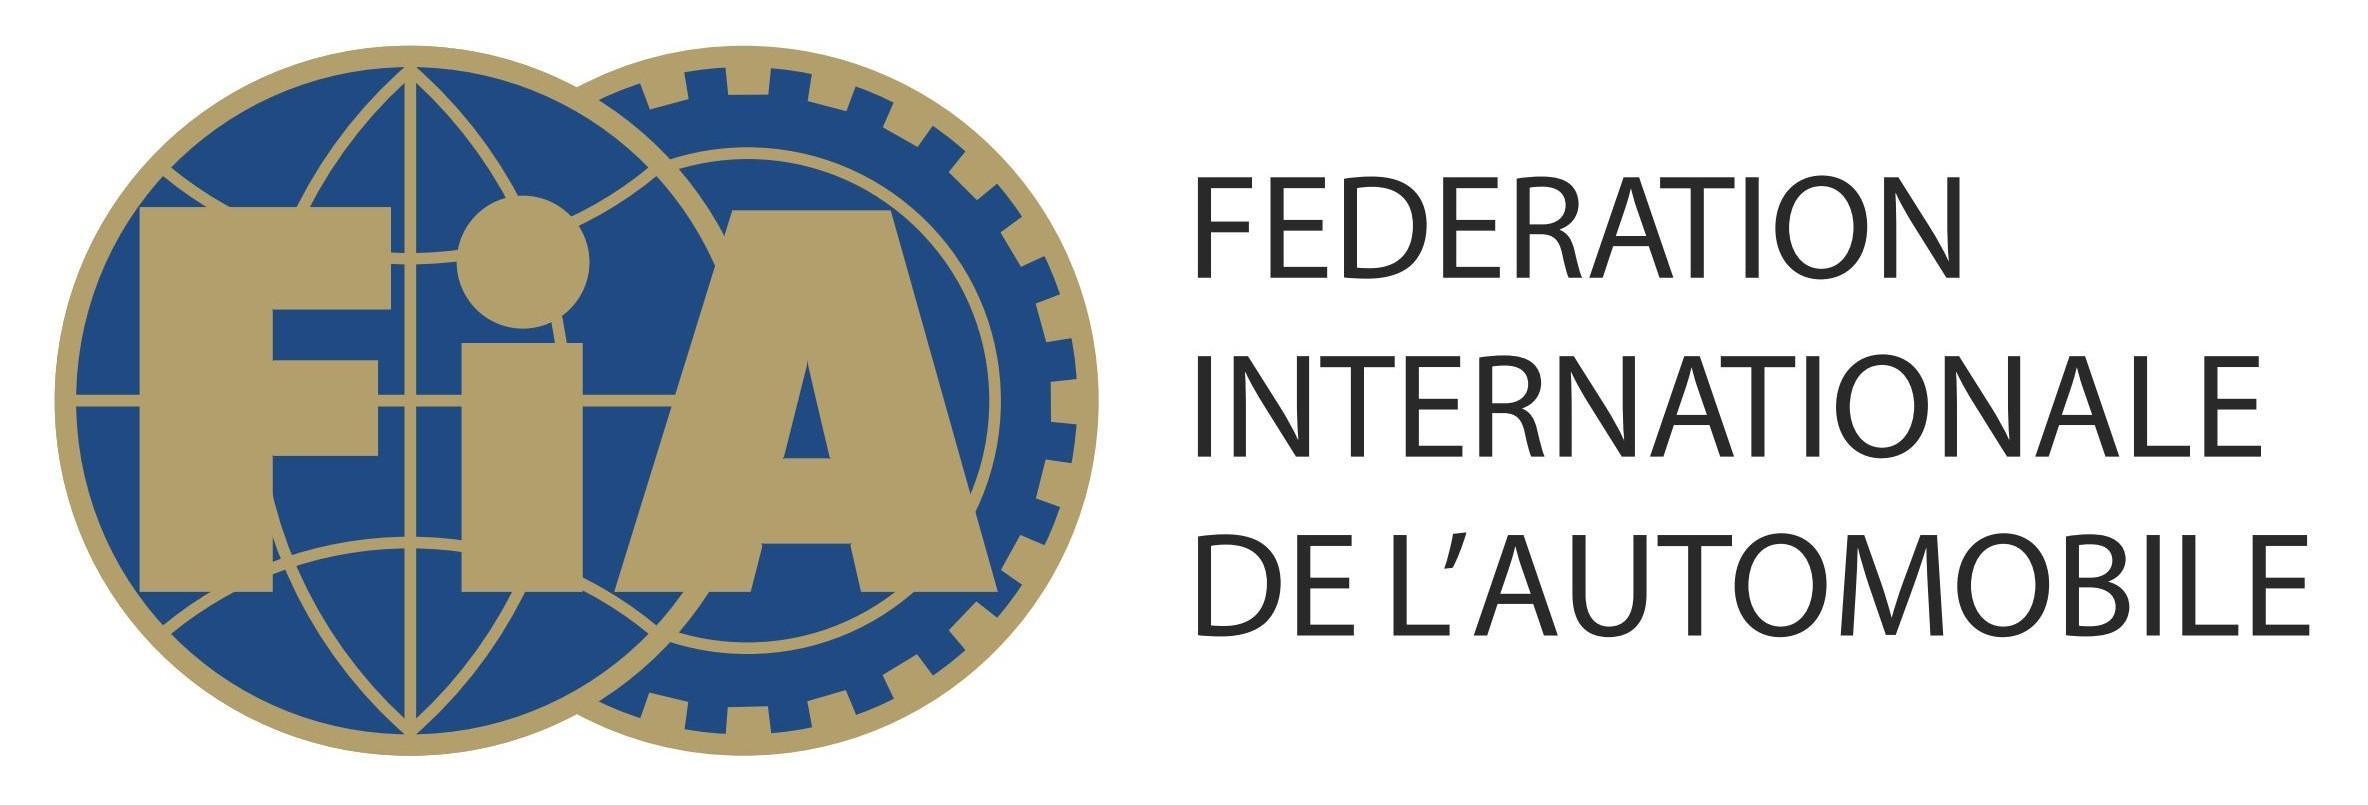 FIA   Fédération Internationale de lAutomobile Logo [fia.com] png